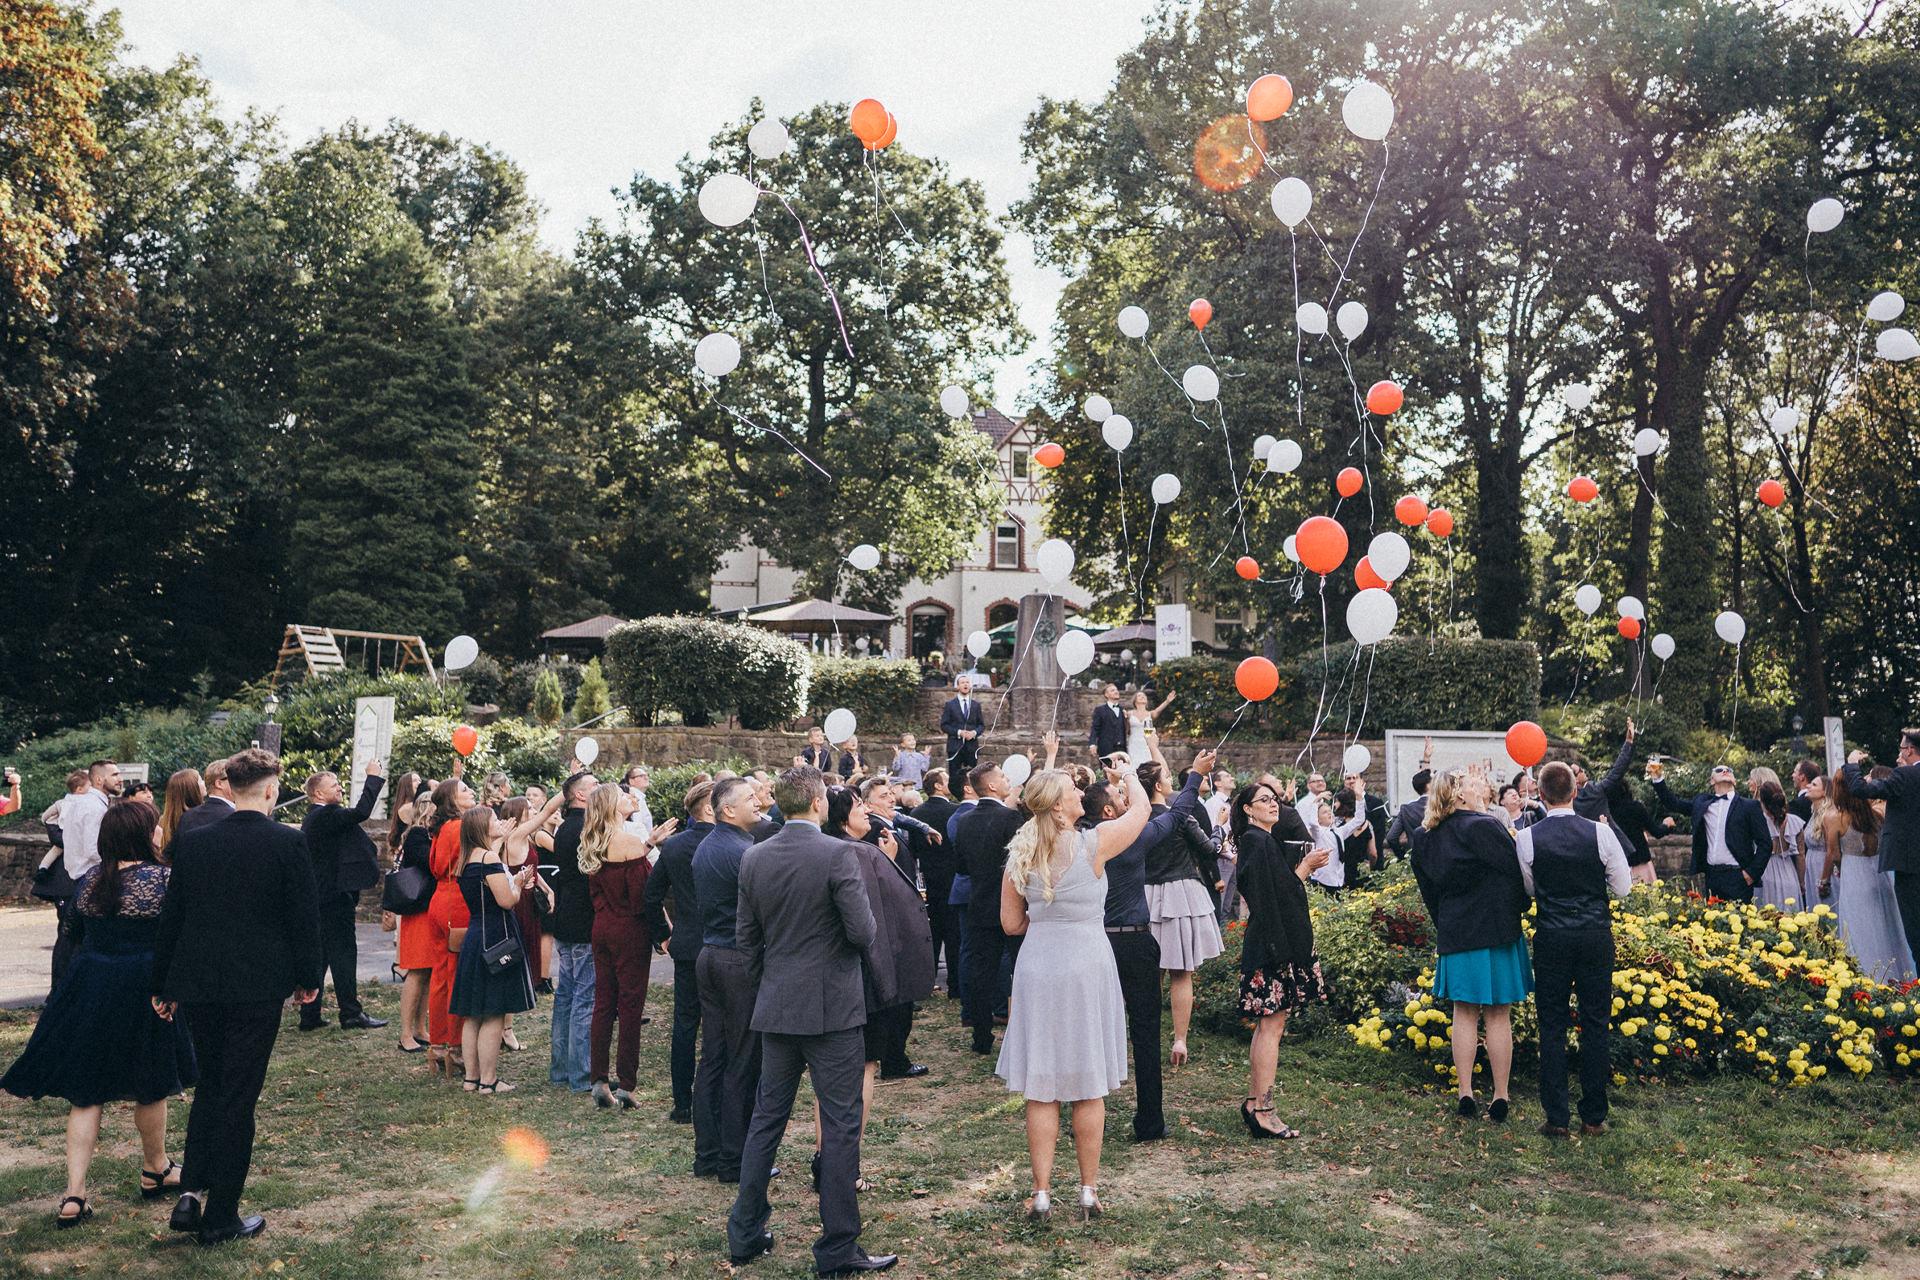 Hochzeitsgesellschaft lässt Ballons steigen - Rote und weiße Luftballons zur Hochzeitsfeier - Hochzeitsreportage in Dortmund - Chris Reuter Hochzeitsfotograf